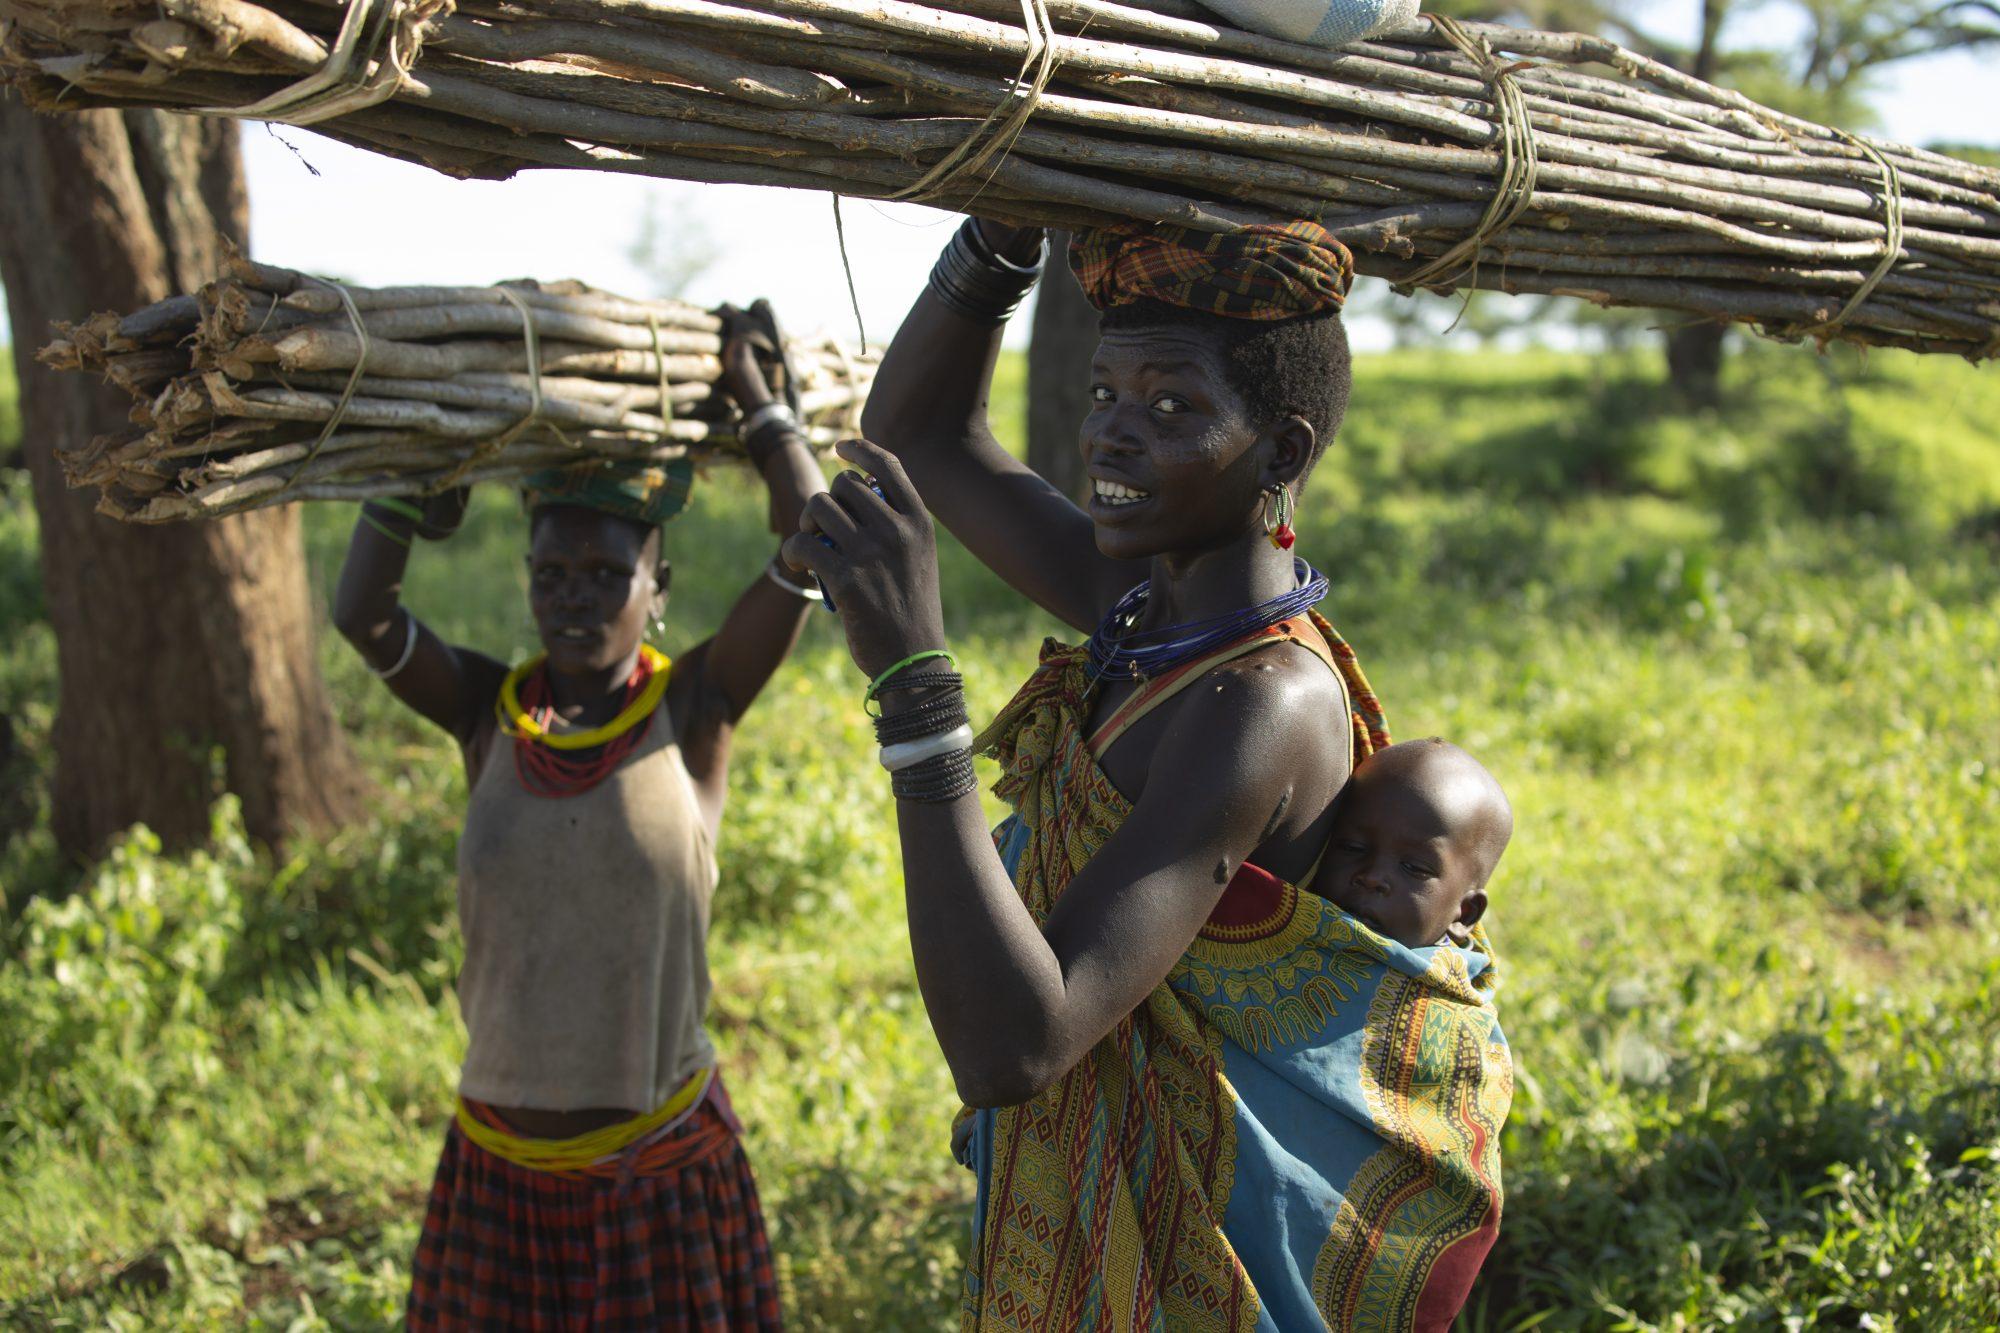 Des agricultrices travaillent dans les champs de Napak en Ouganda.